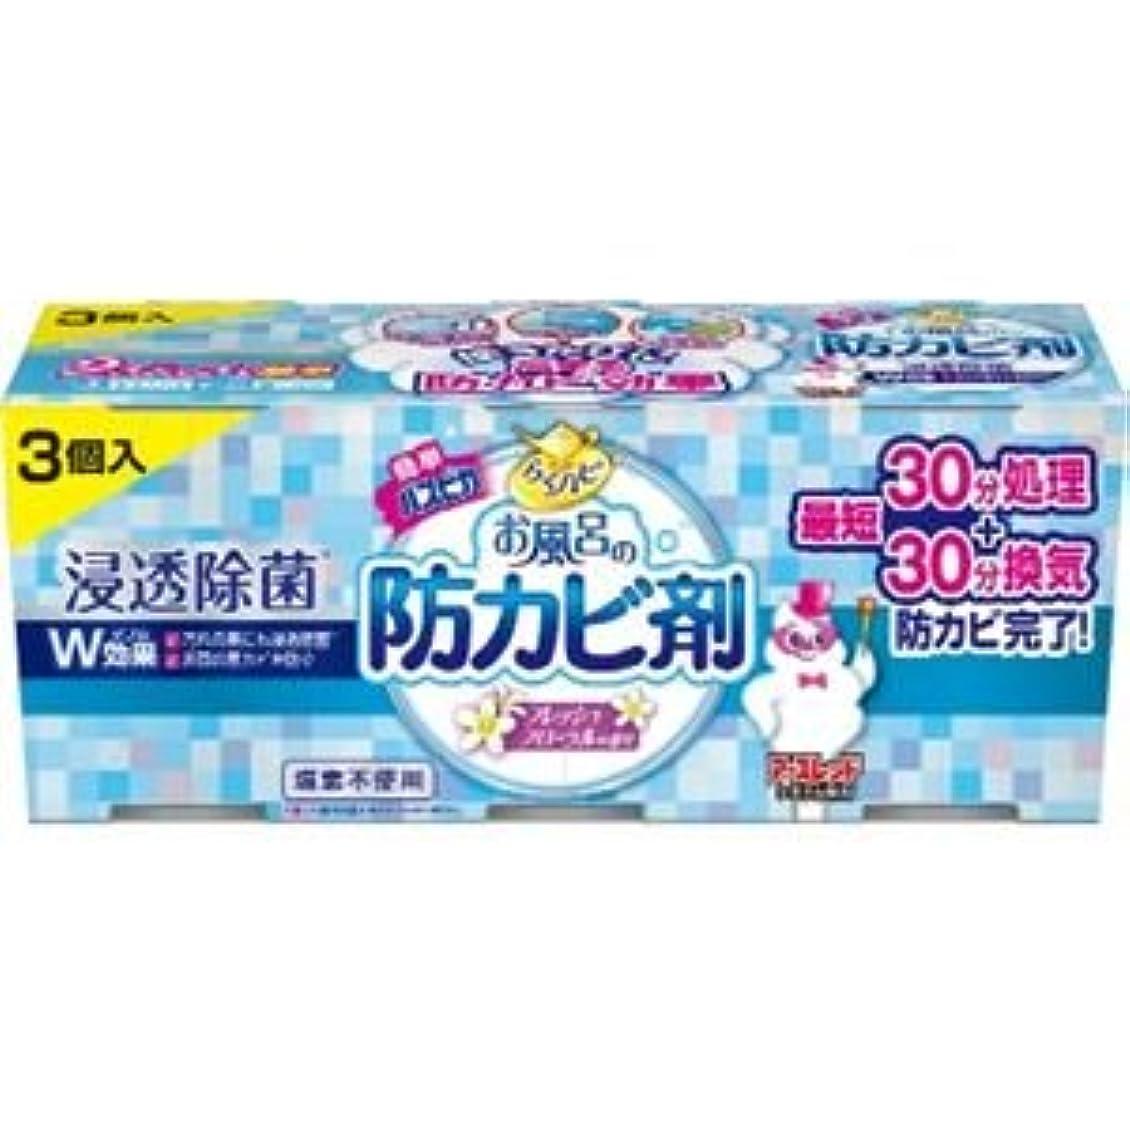 バター種類啓示アース製薬 らくハピお風呂の防カビ剤フローラル3個パック ×1点